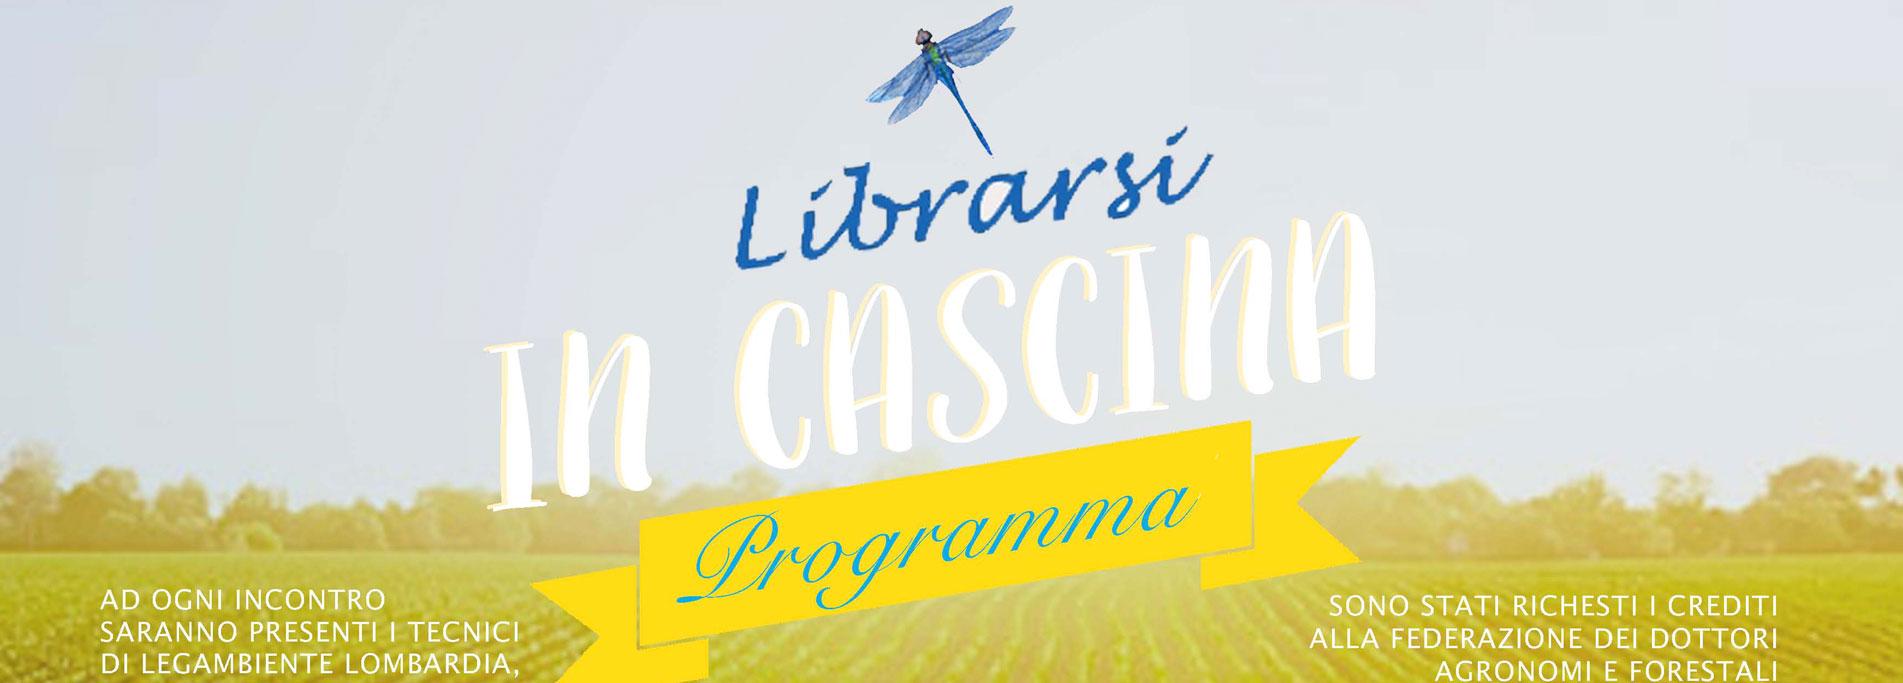 Librarsi in Cascina - Cascina Scanna